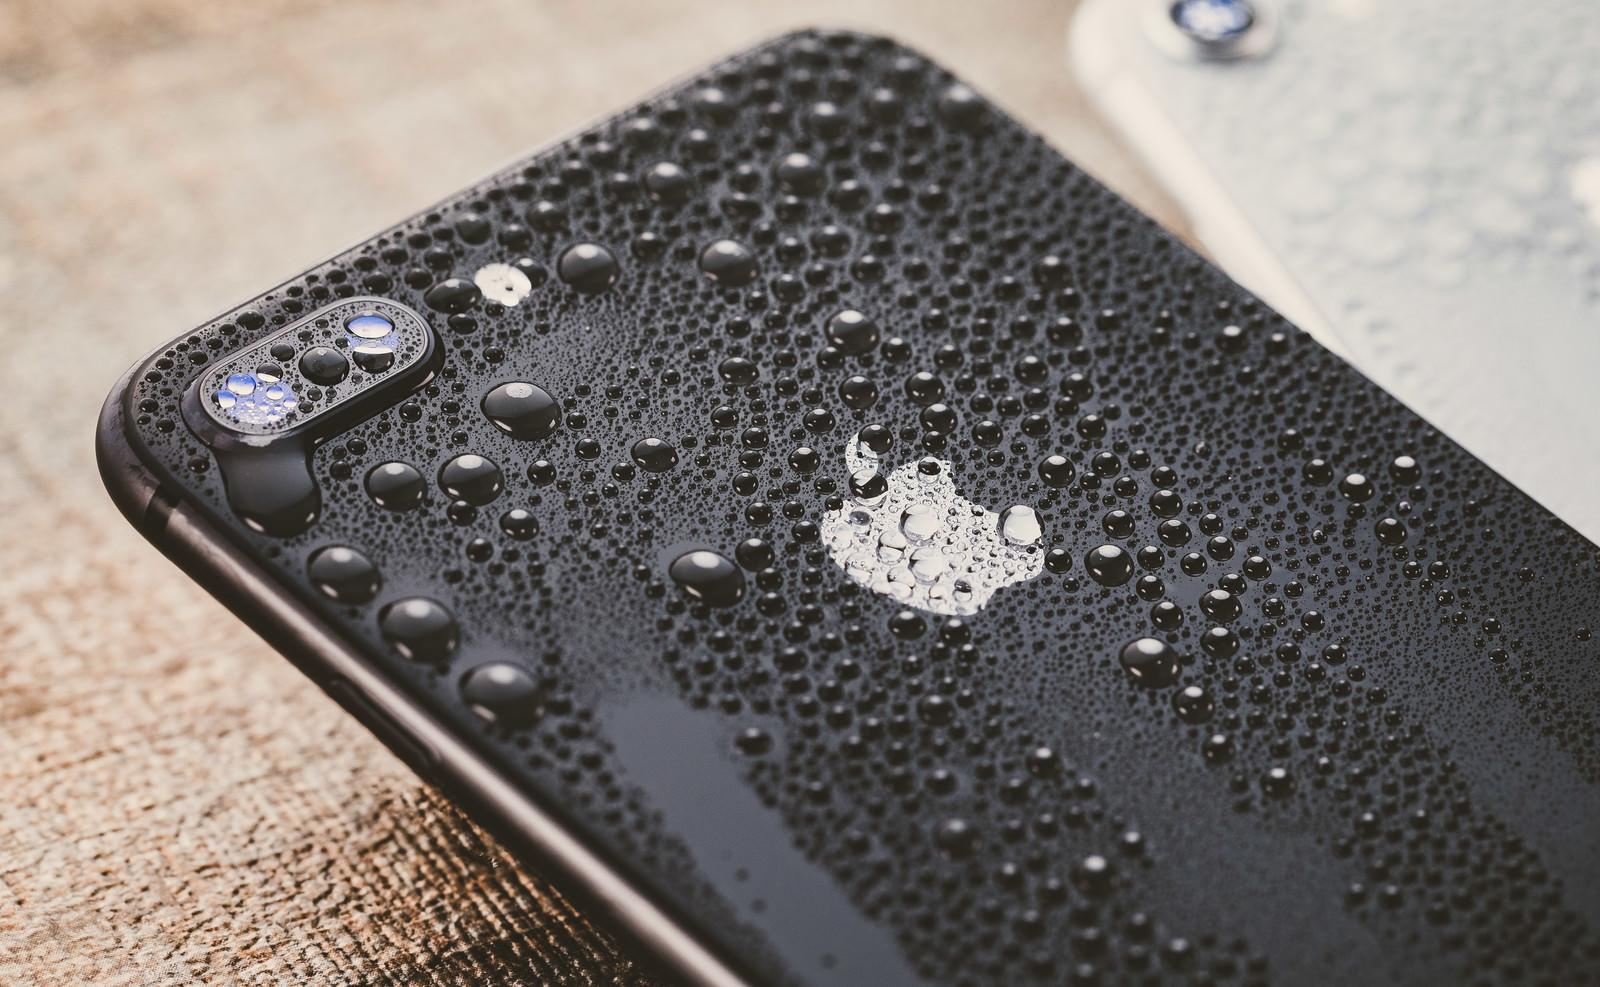 「防水性能(IP67相当)のスマートフォン防水性能(IP67相当)のスマートフォン」のフリー写真素材を拡大